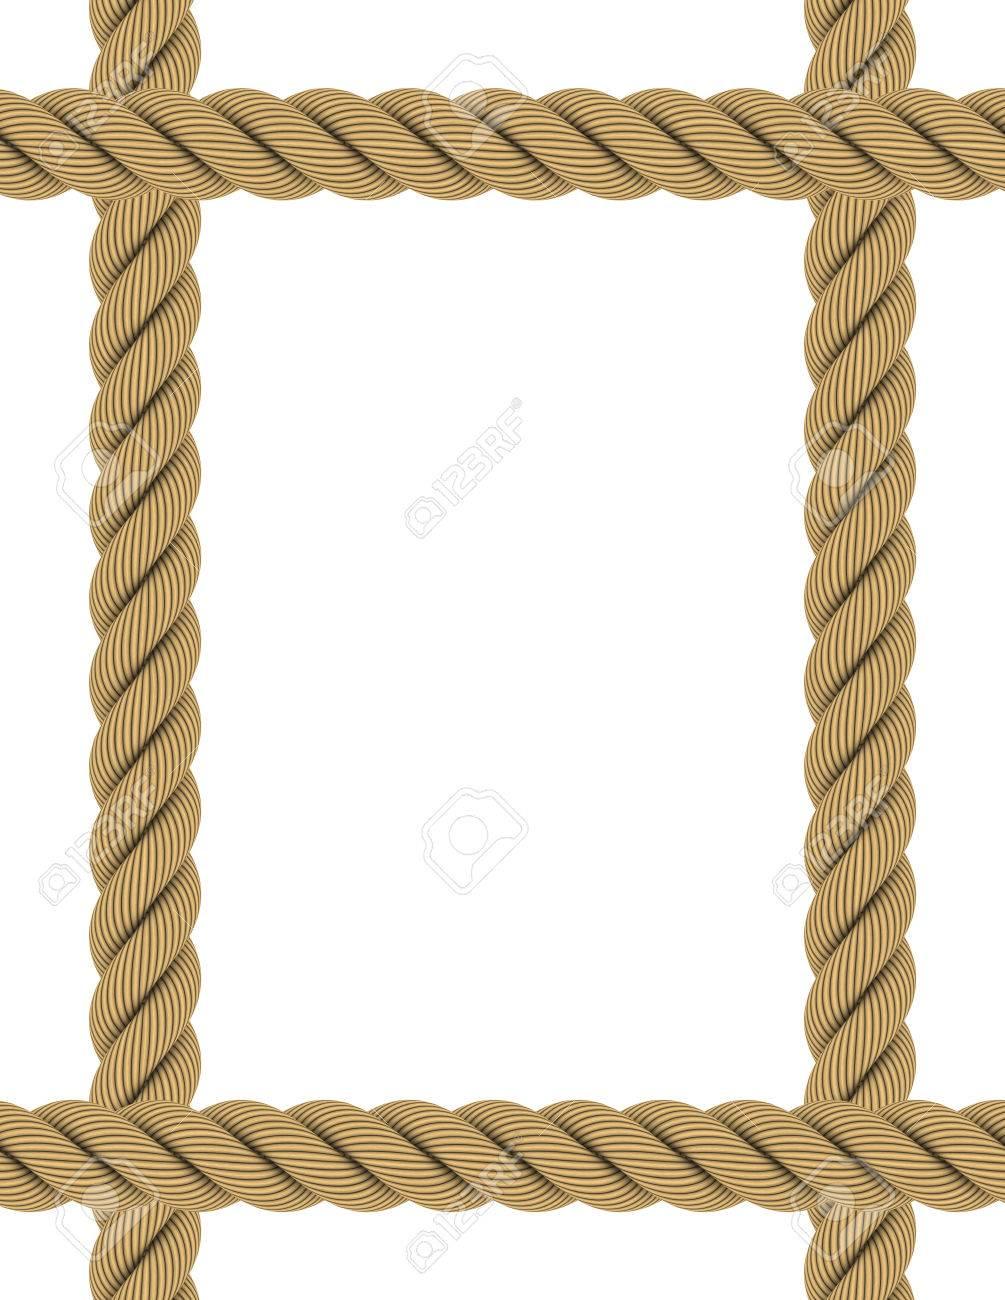 Erweiterte A4 Rechteck Seil Rahmen Isoliert Auf Weiß Lizenzfreie ...